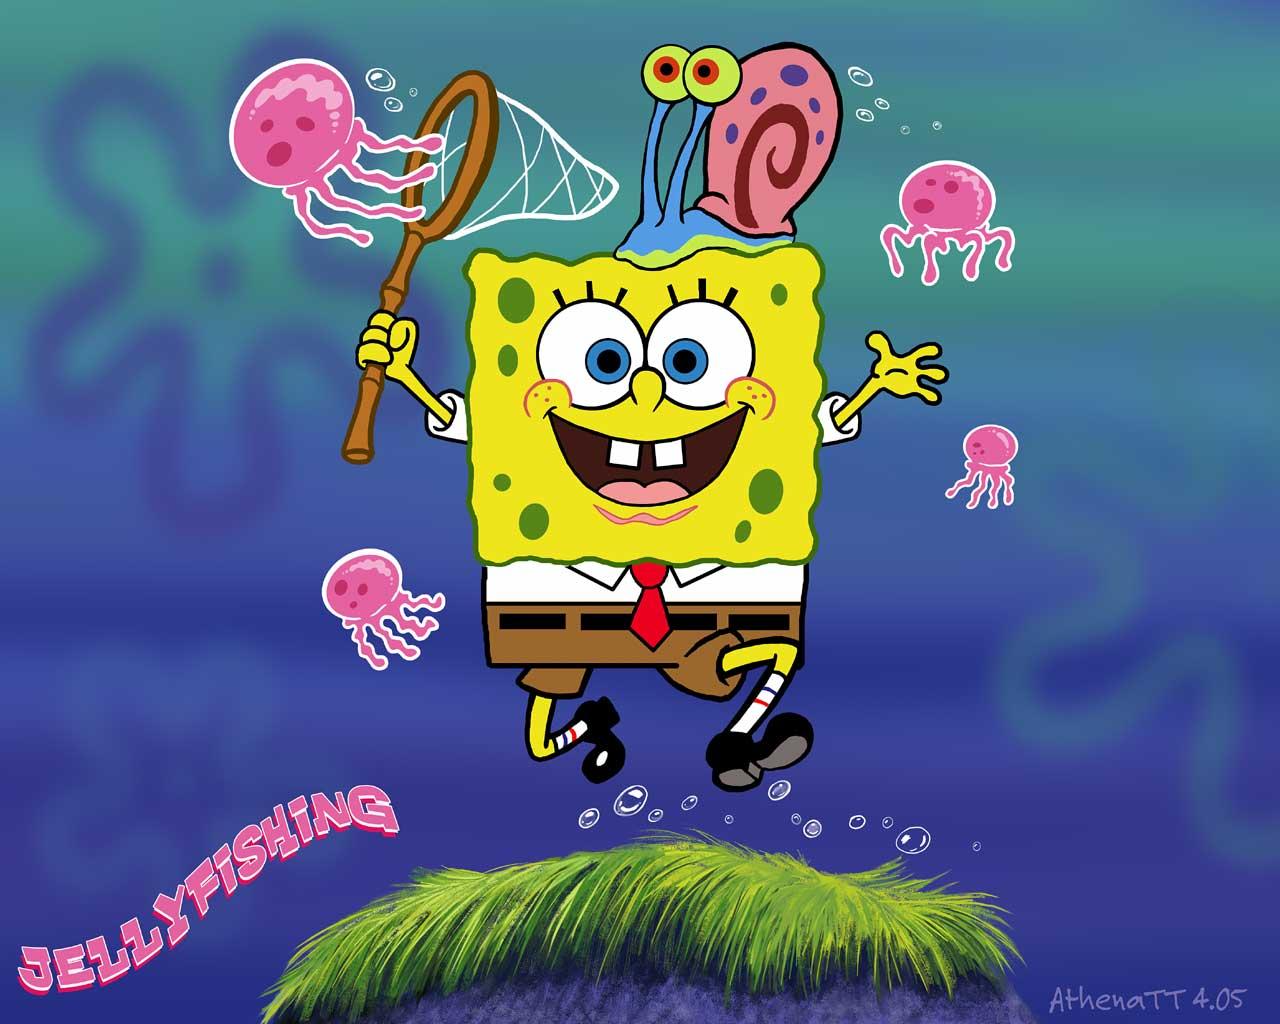 Spongebob Hd Wallpapers Backgrounds Wallpaper 1280x1024